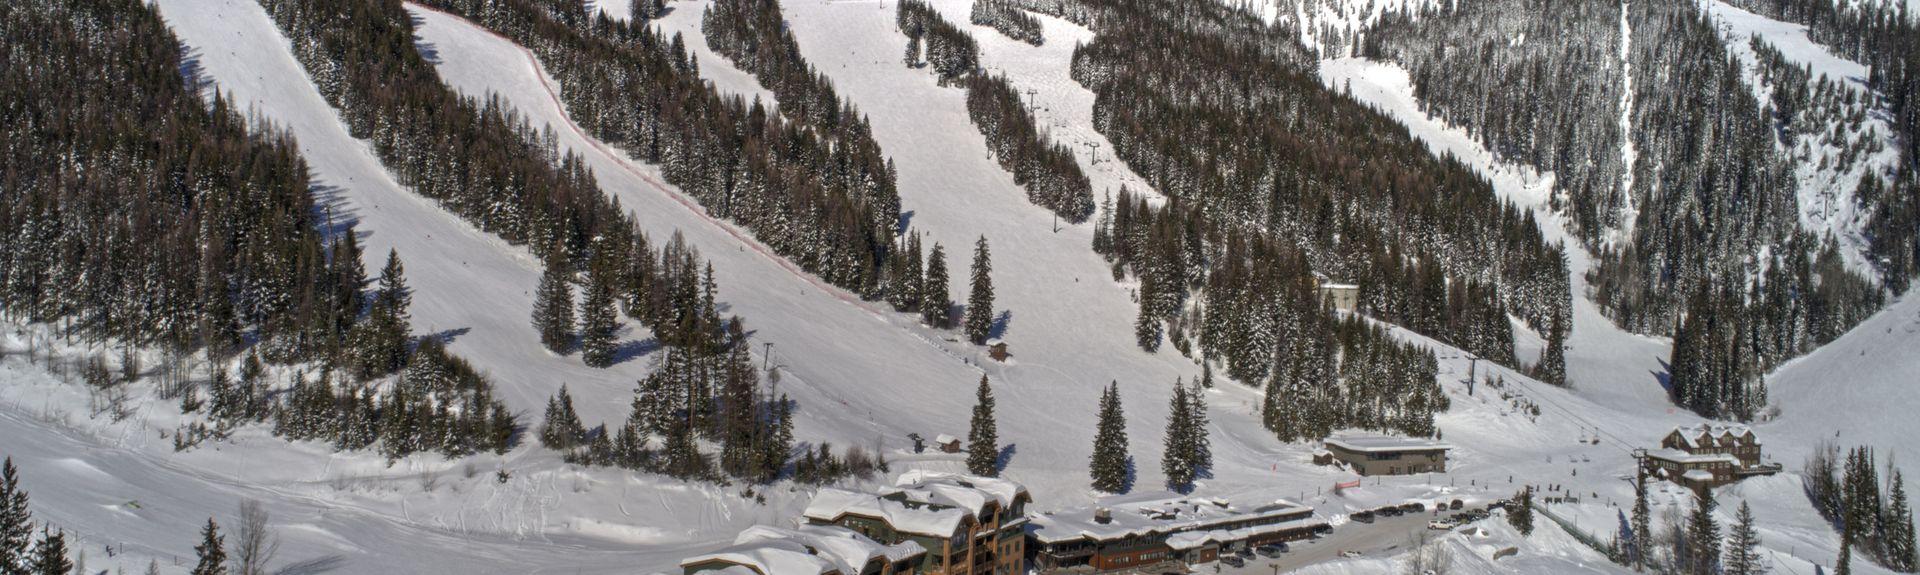 Morning Eagle Lodge (Whitefish, Montana, États-Unis d'Amérique)